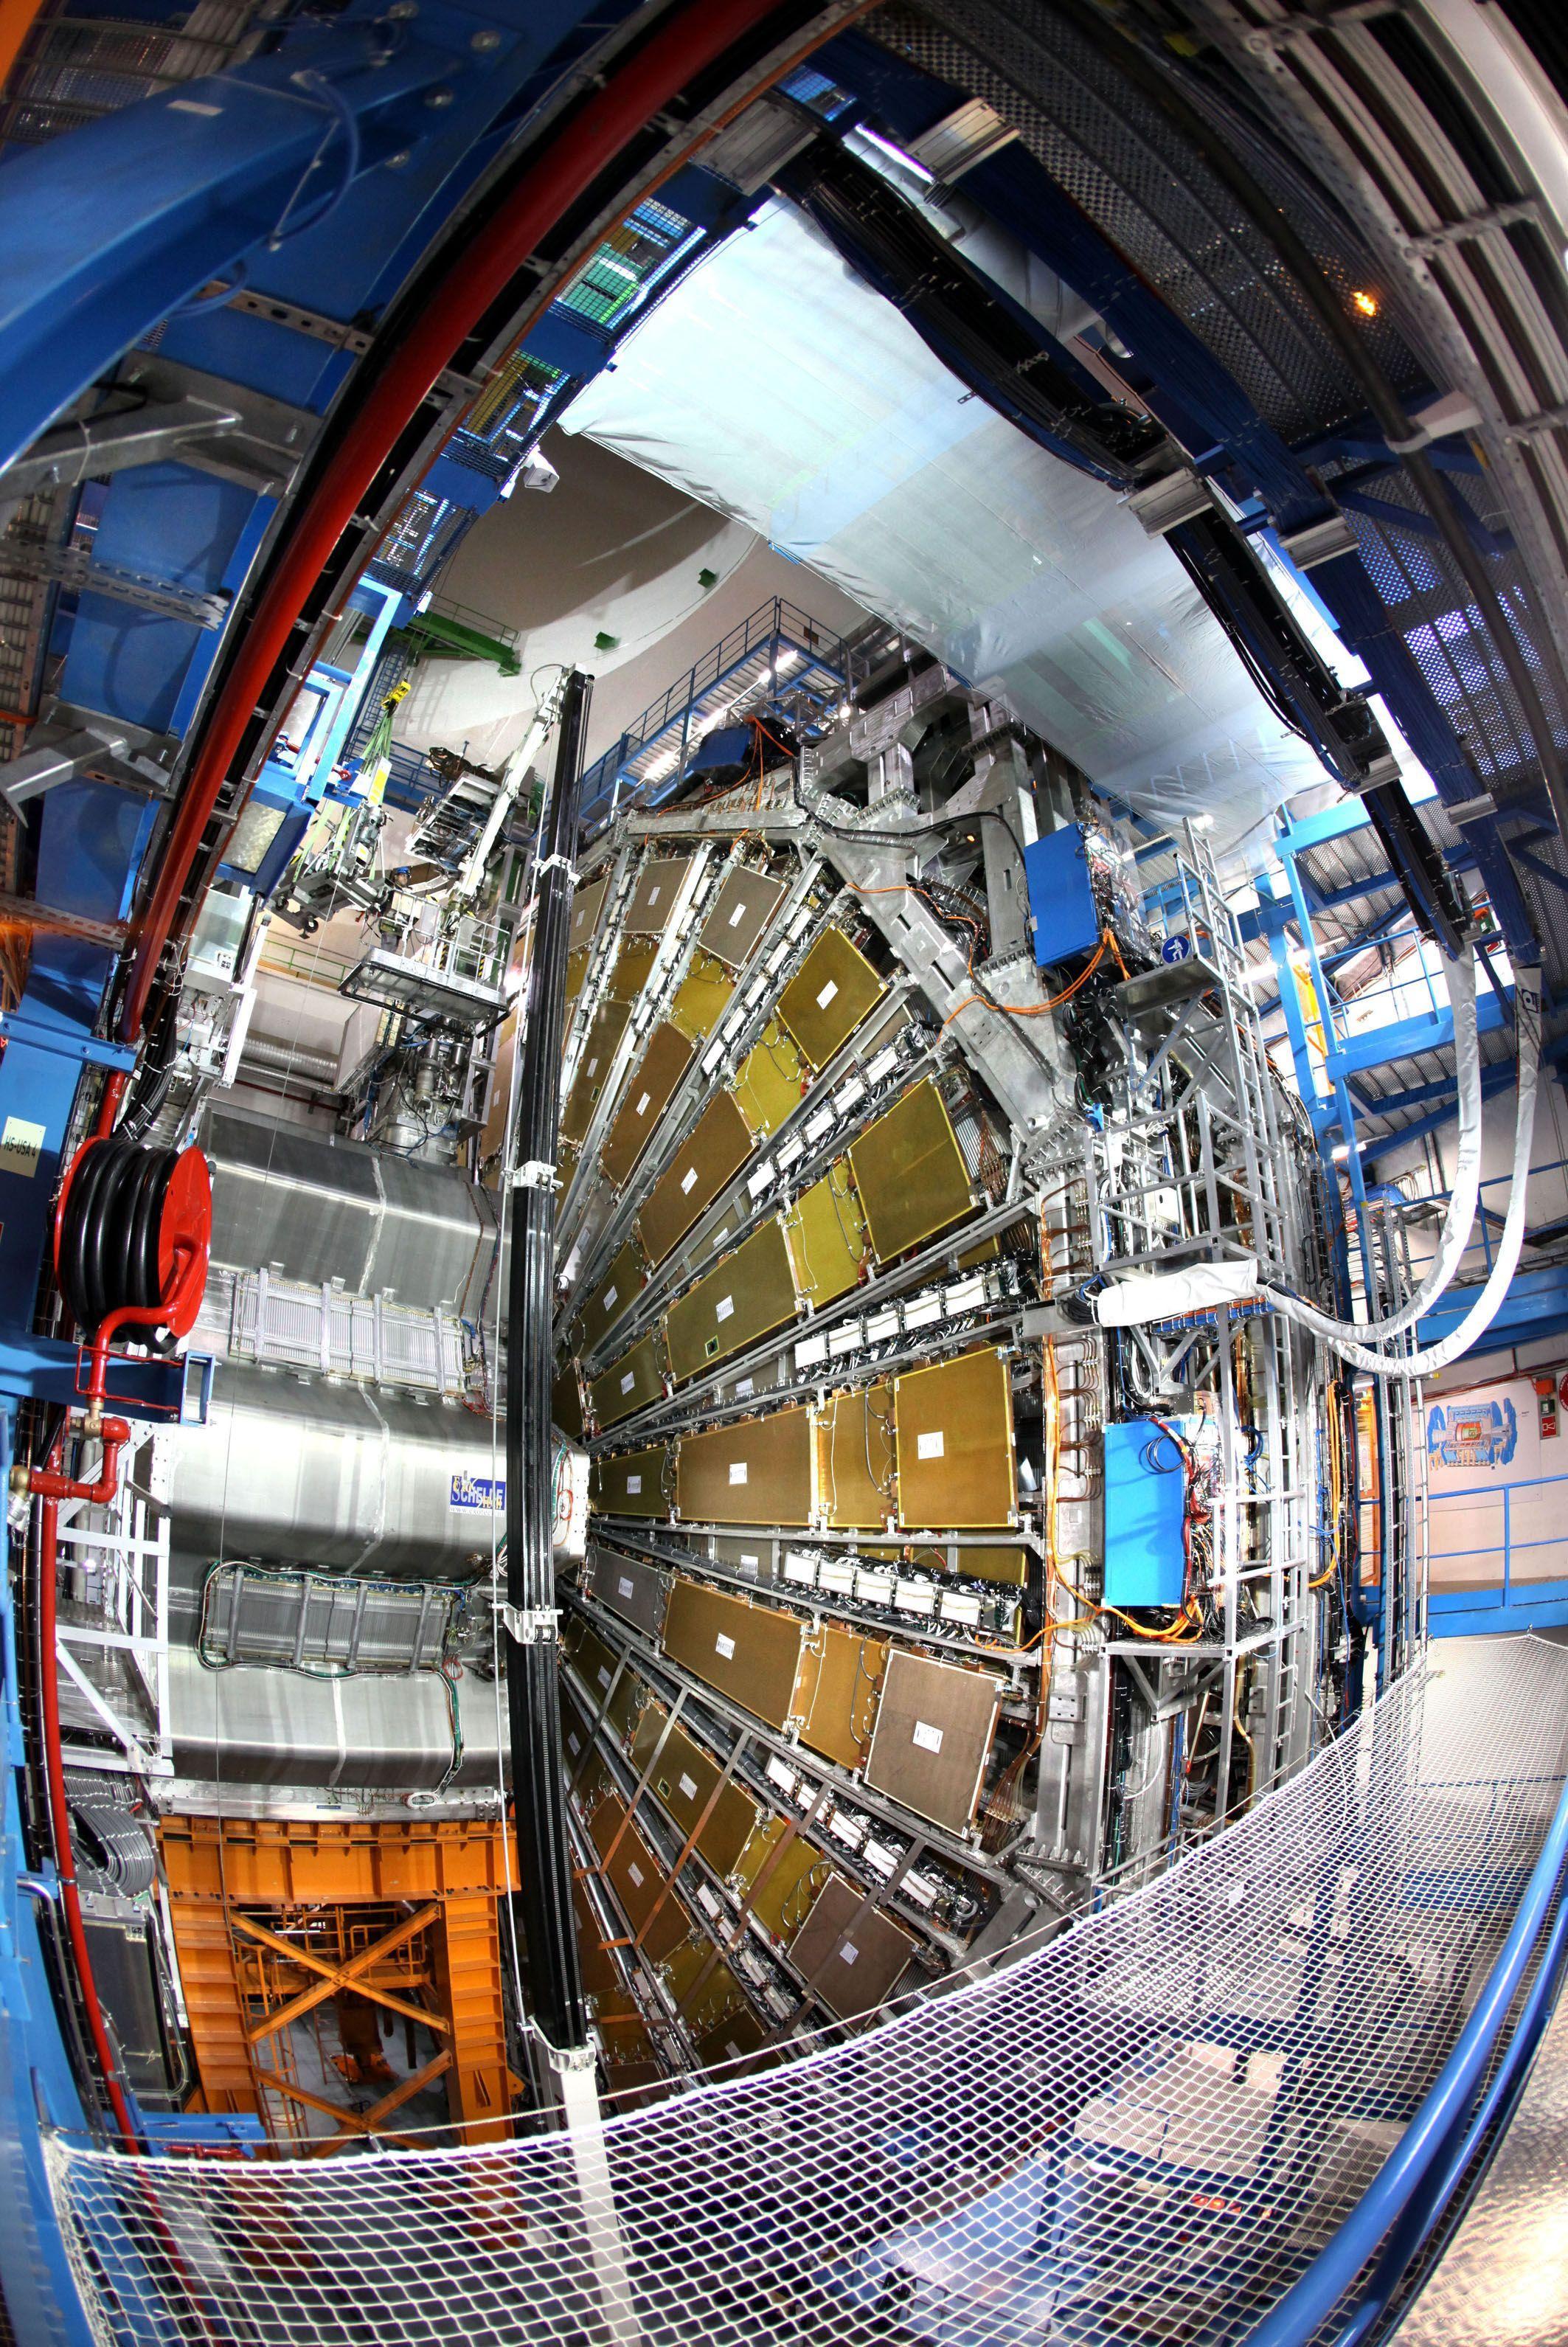 L'accelaratore di particelle Lhc, Large Hadron Collider, al Cern di Ginevra